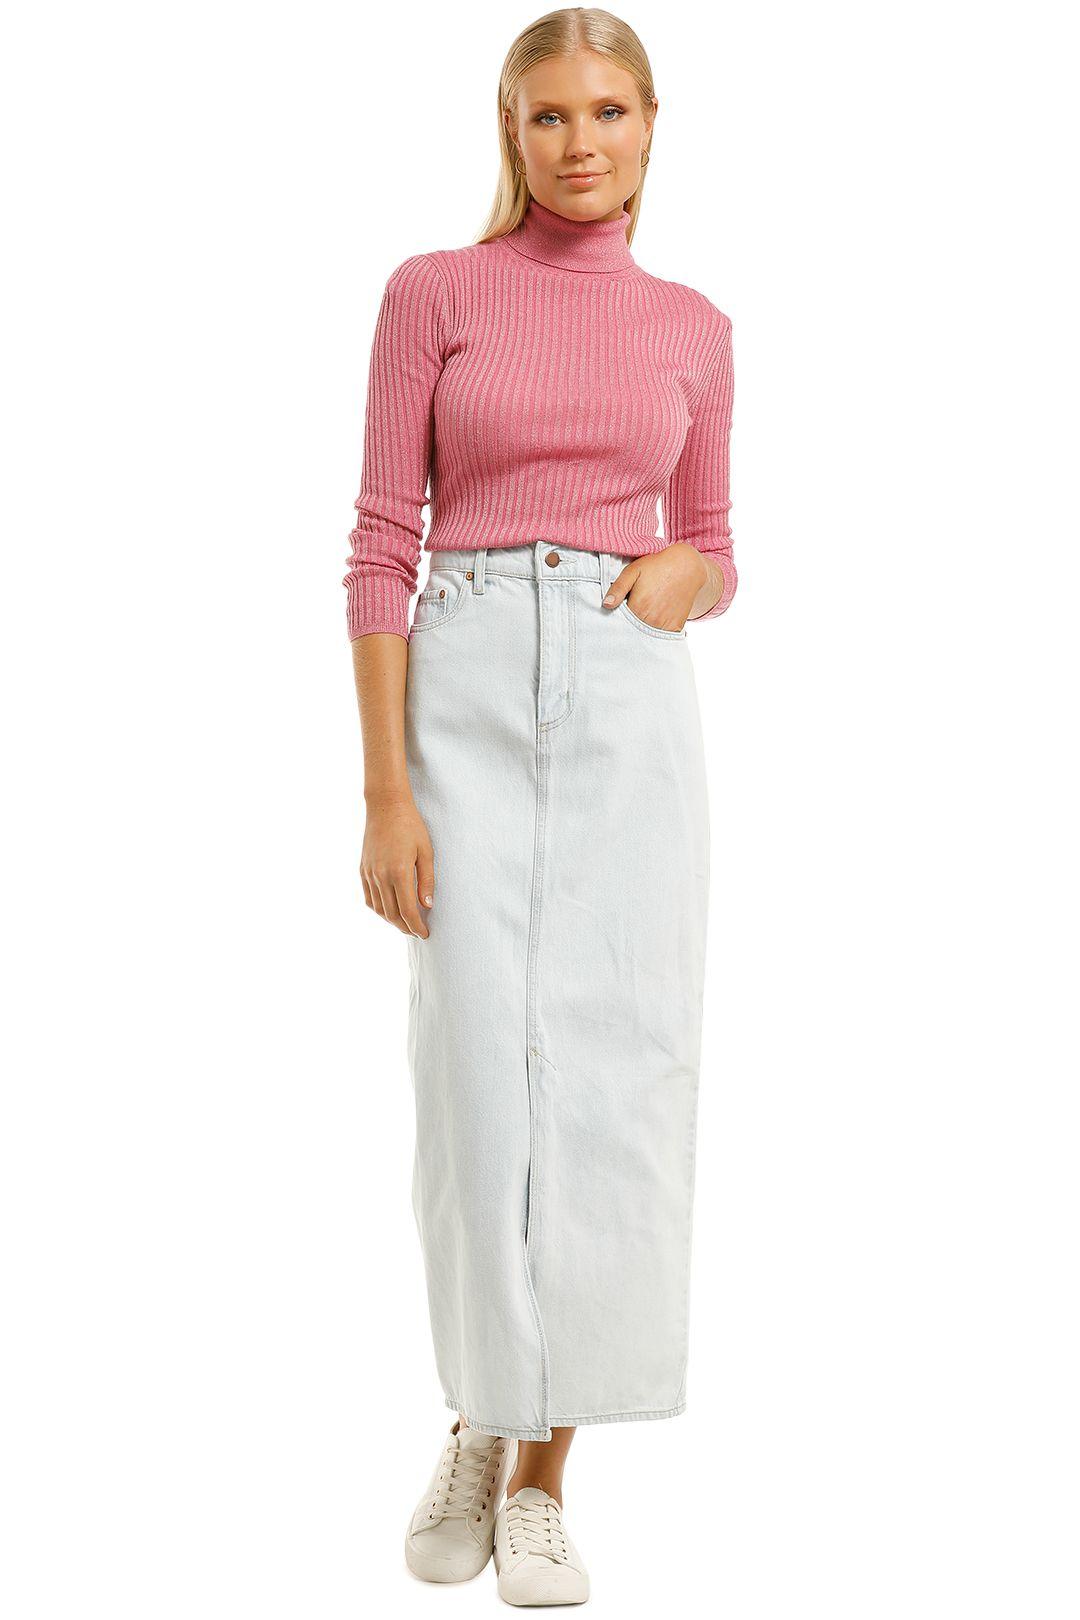 Nobody-Denim-Avery-Skirt-Bask-Front